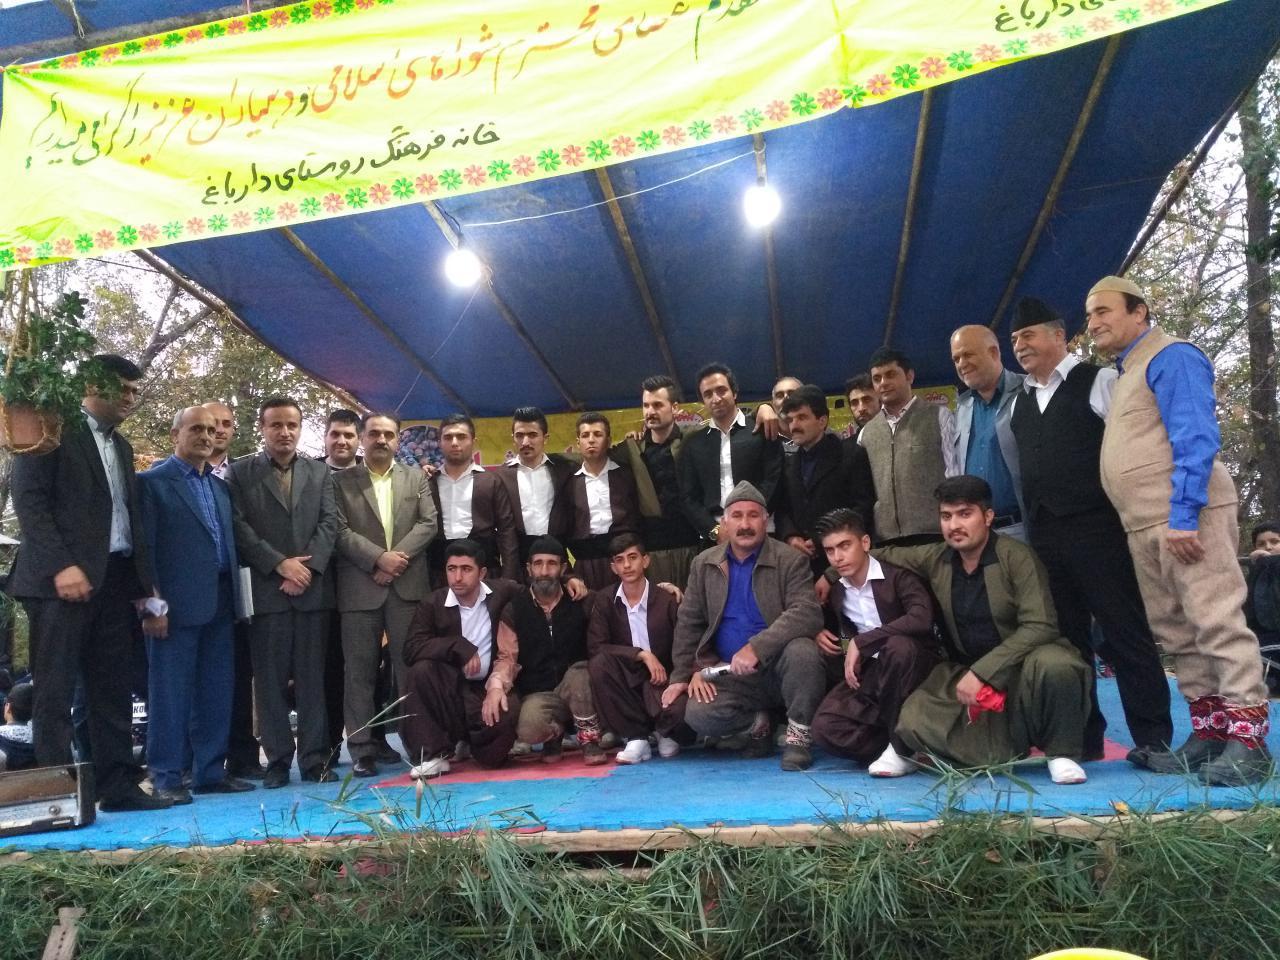 اختصاصی/عدم حضور مسئولین ارشد فومن در هشتمین جشنواره ارباء دوشاو روستای دارباغ